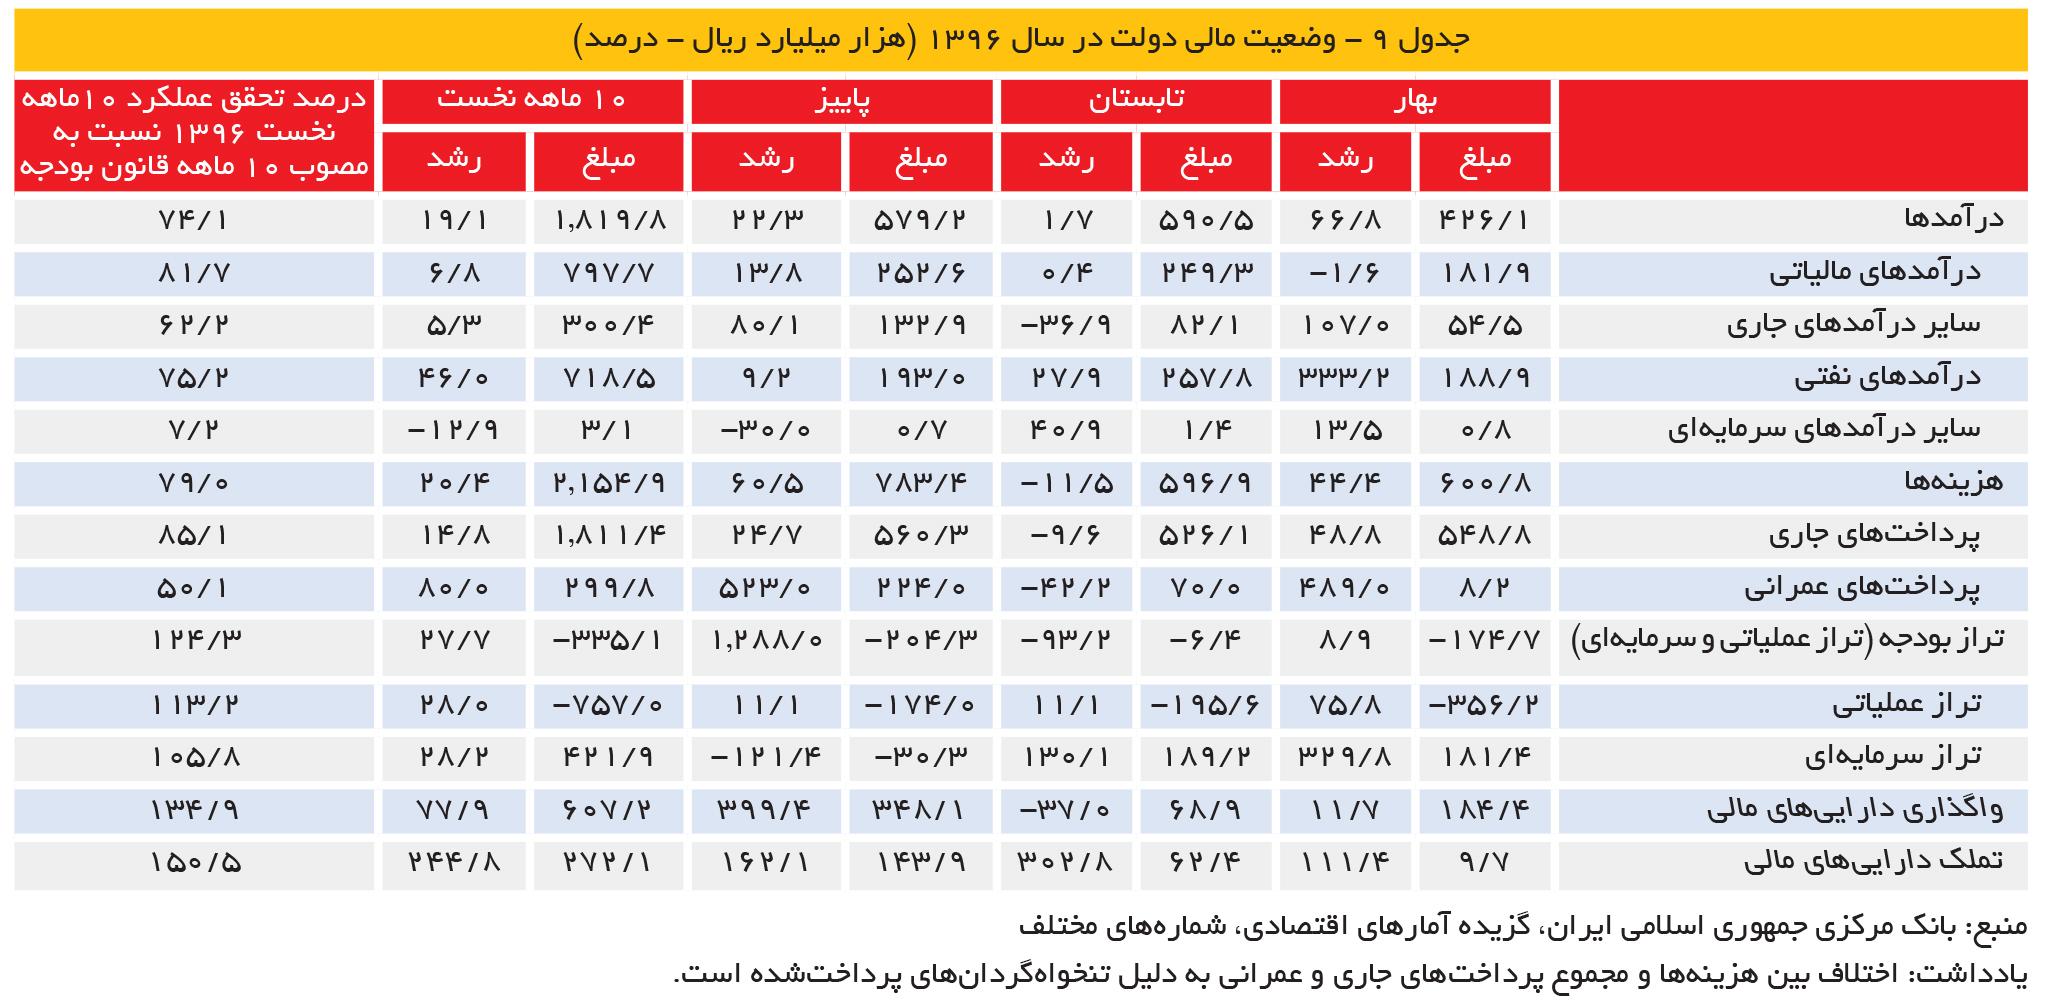 تجارت فردا- جدول 9 - وضعیت مالی دولت در سال 1396 (هزار میلیارد ریال - درصد)